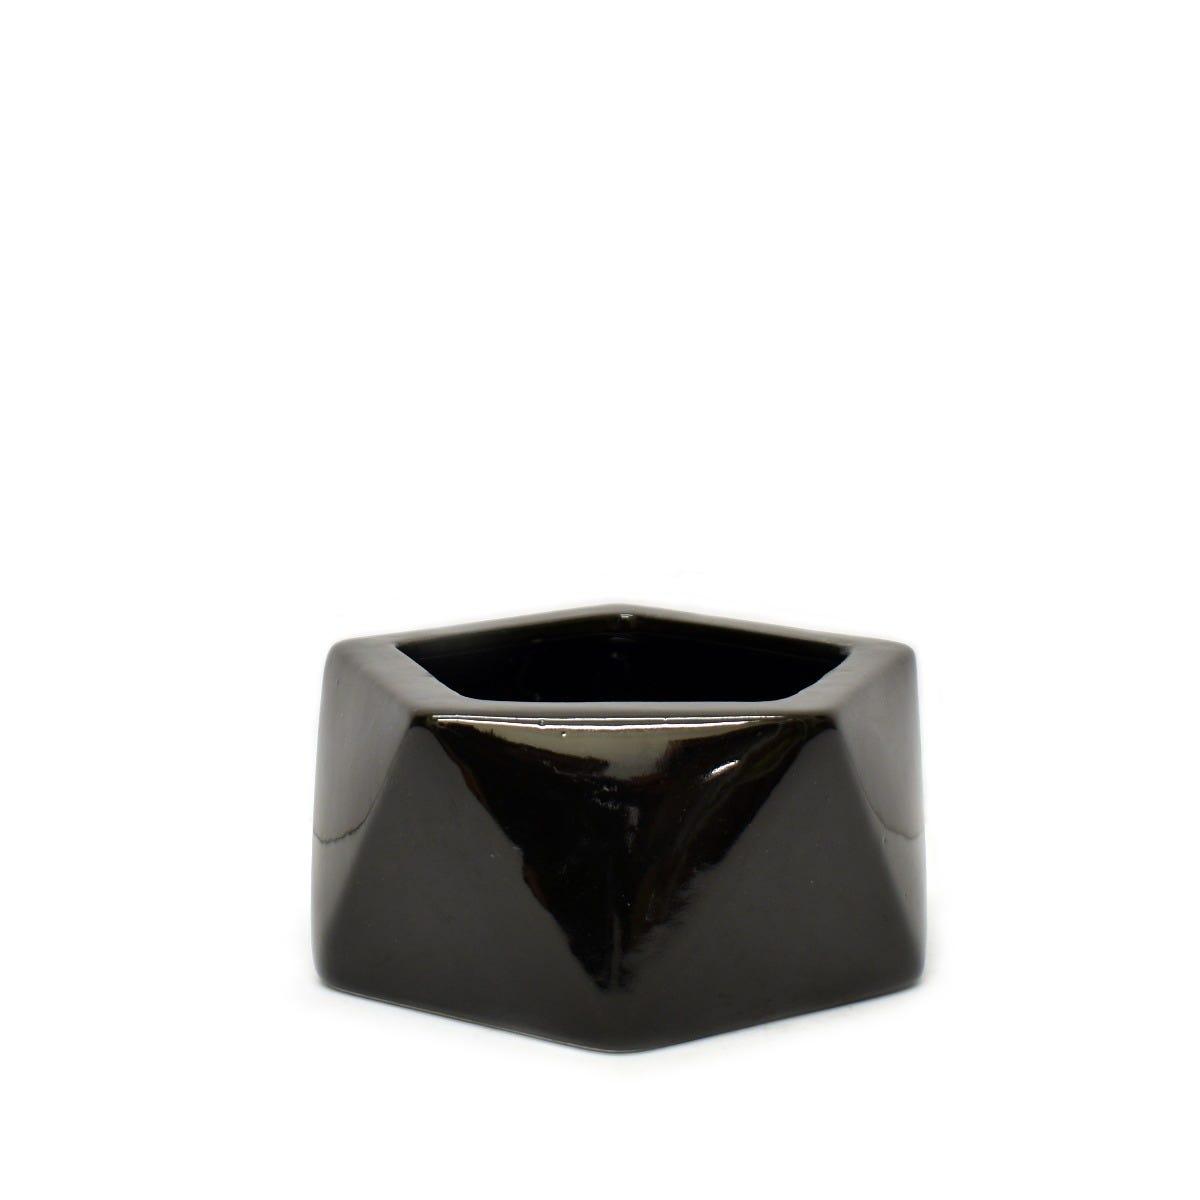 Maceta de cerámica Geométrica en forma de pentágono